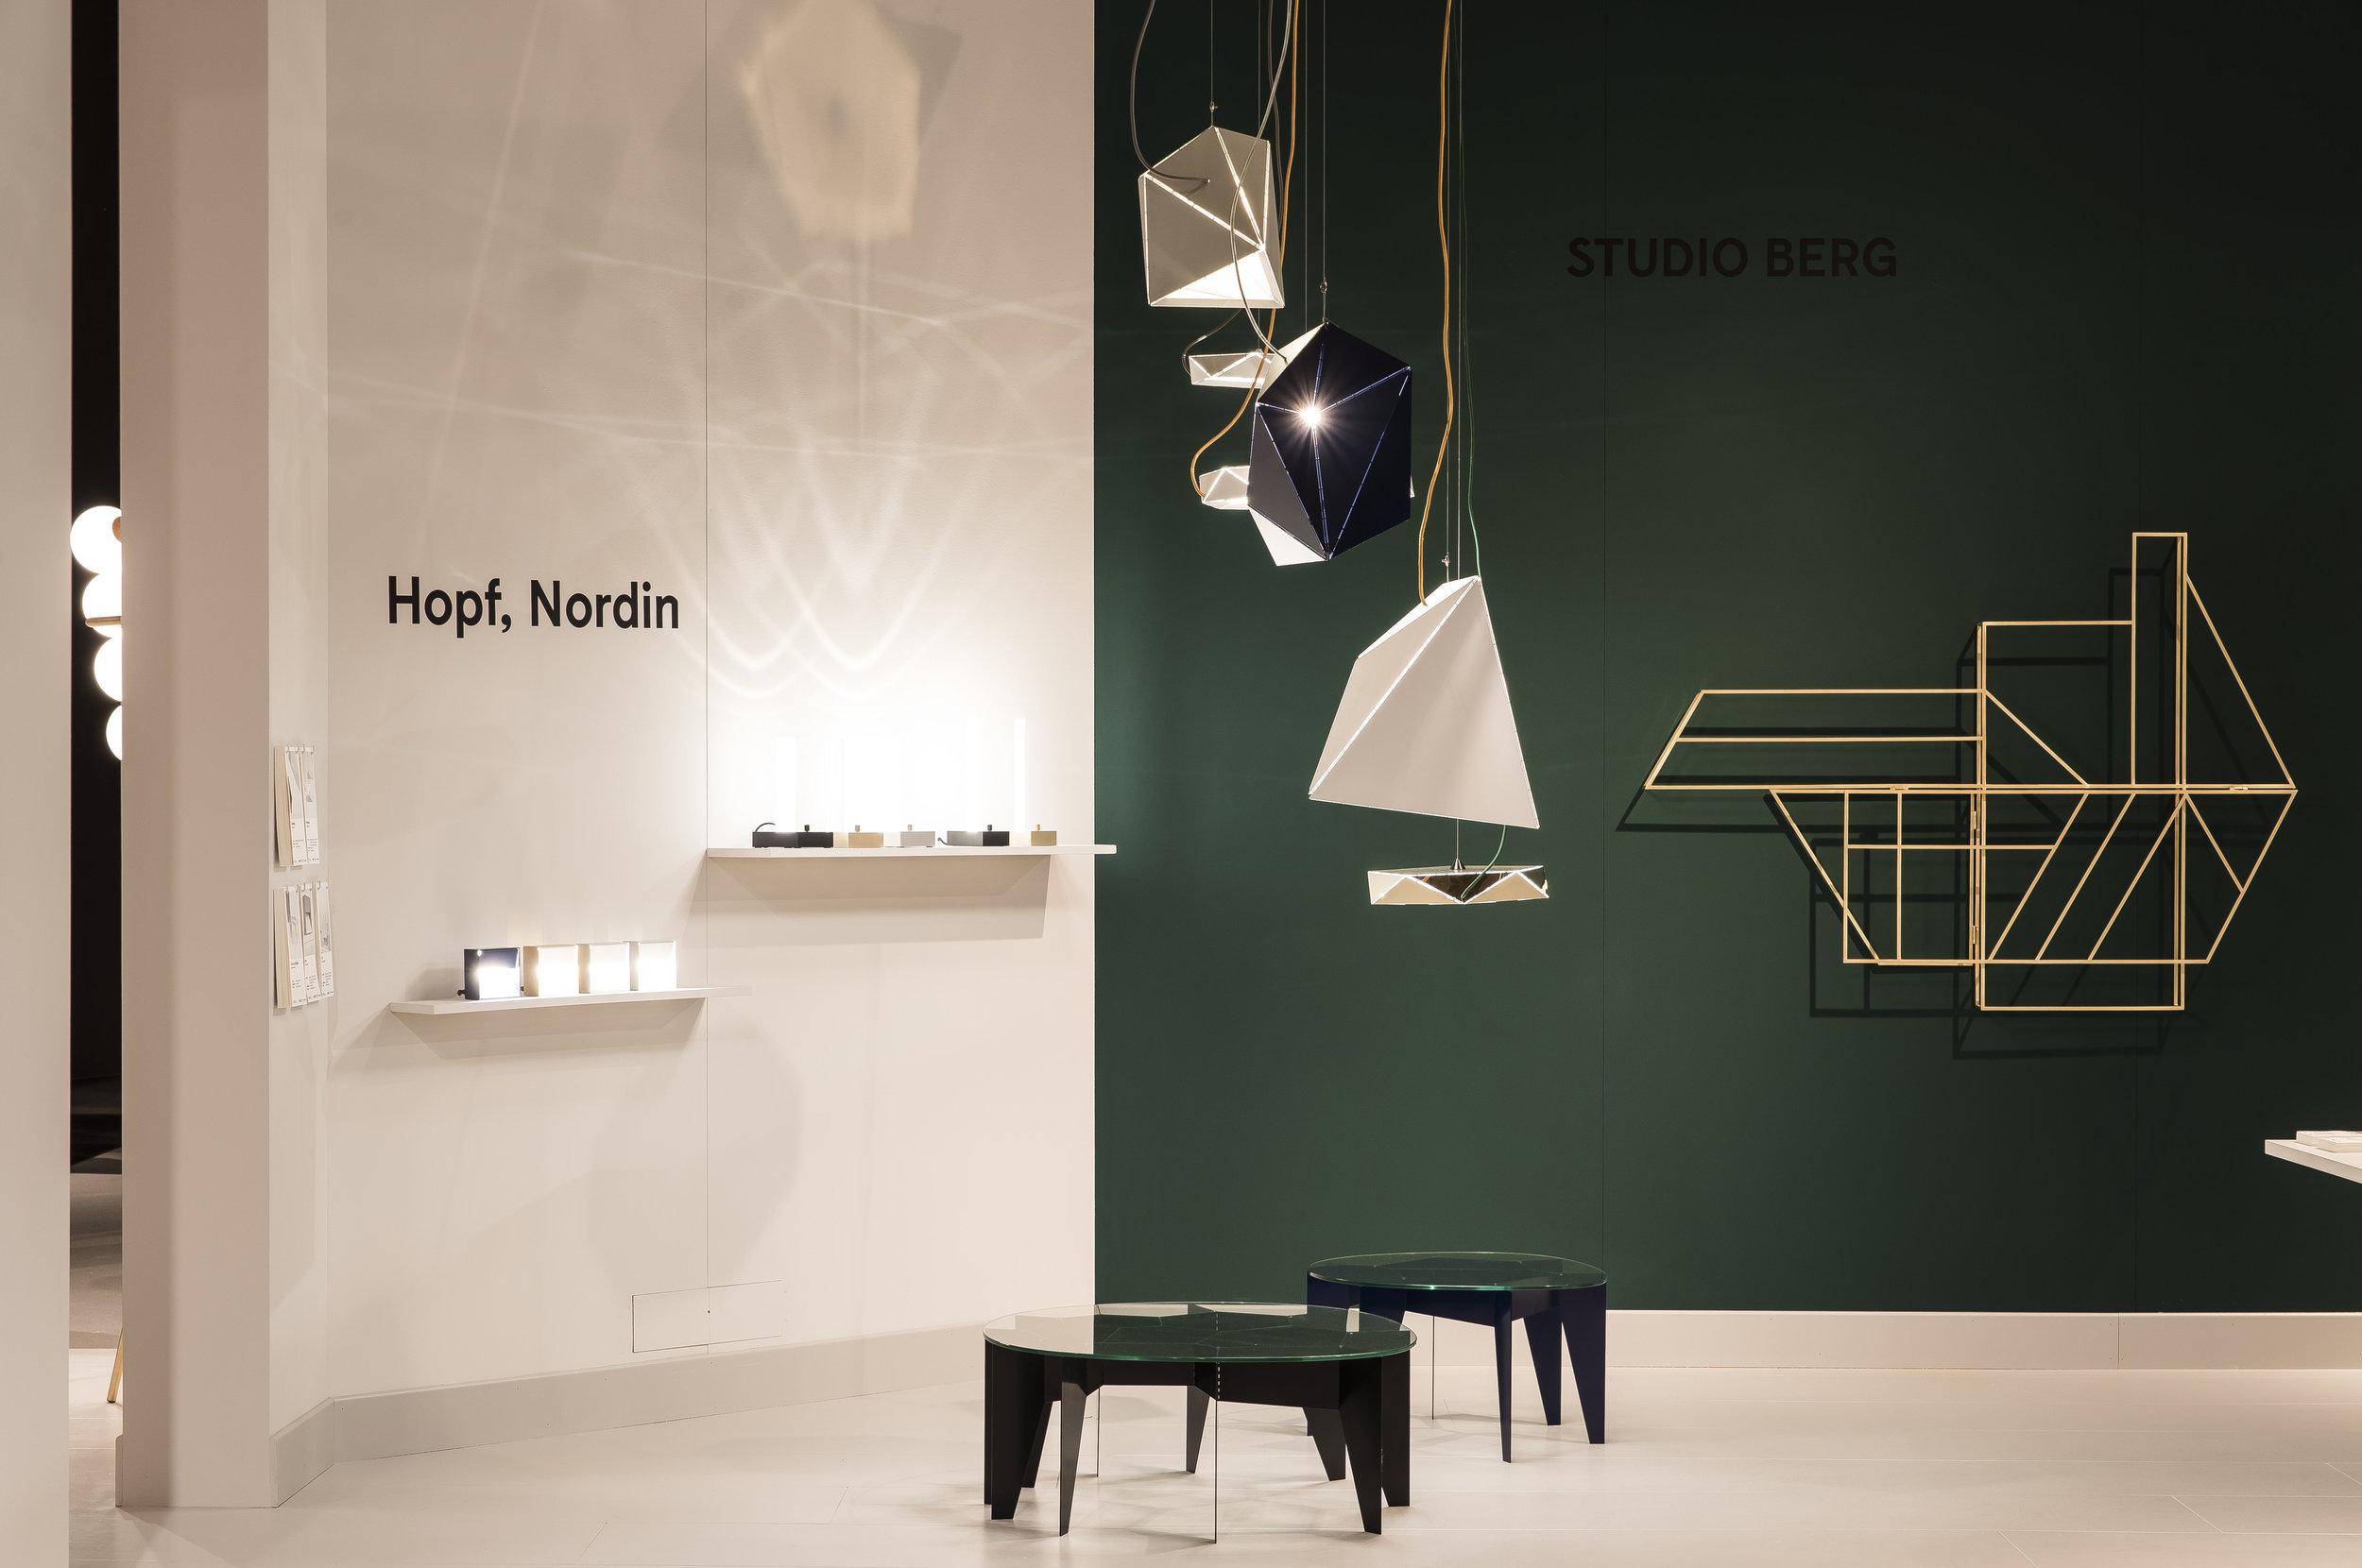 berlin-design-selection-kortrijk_tradefair-exhibition-design_coordination-berlin_08.jpg